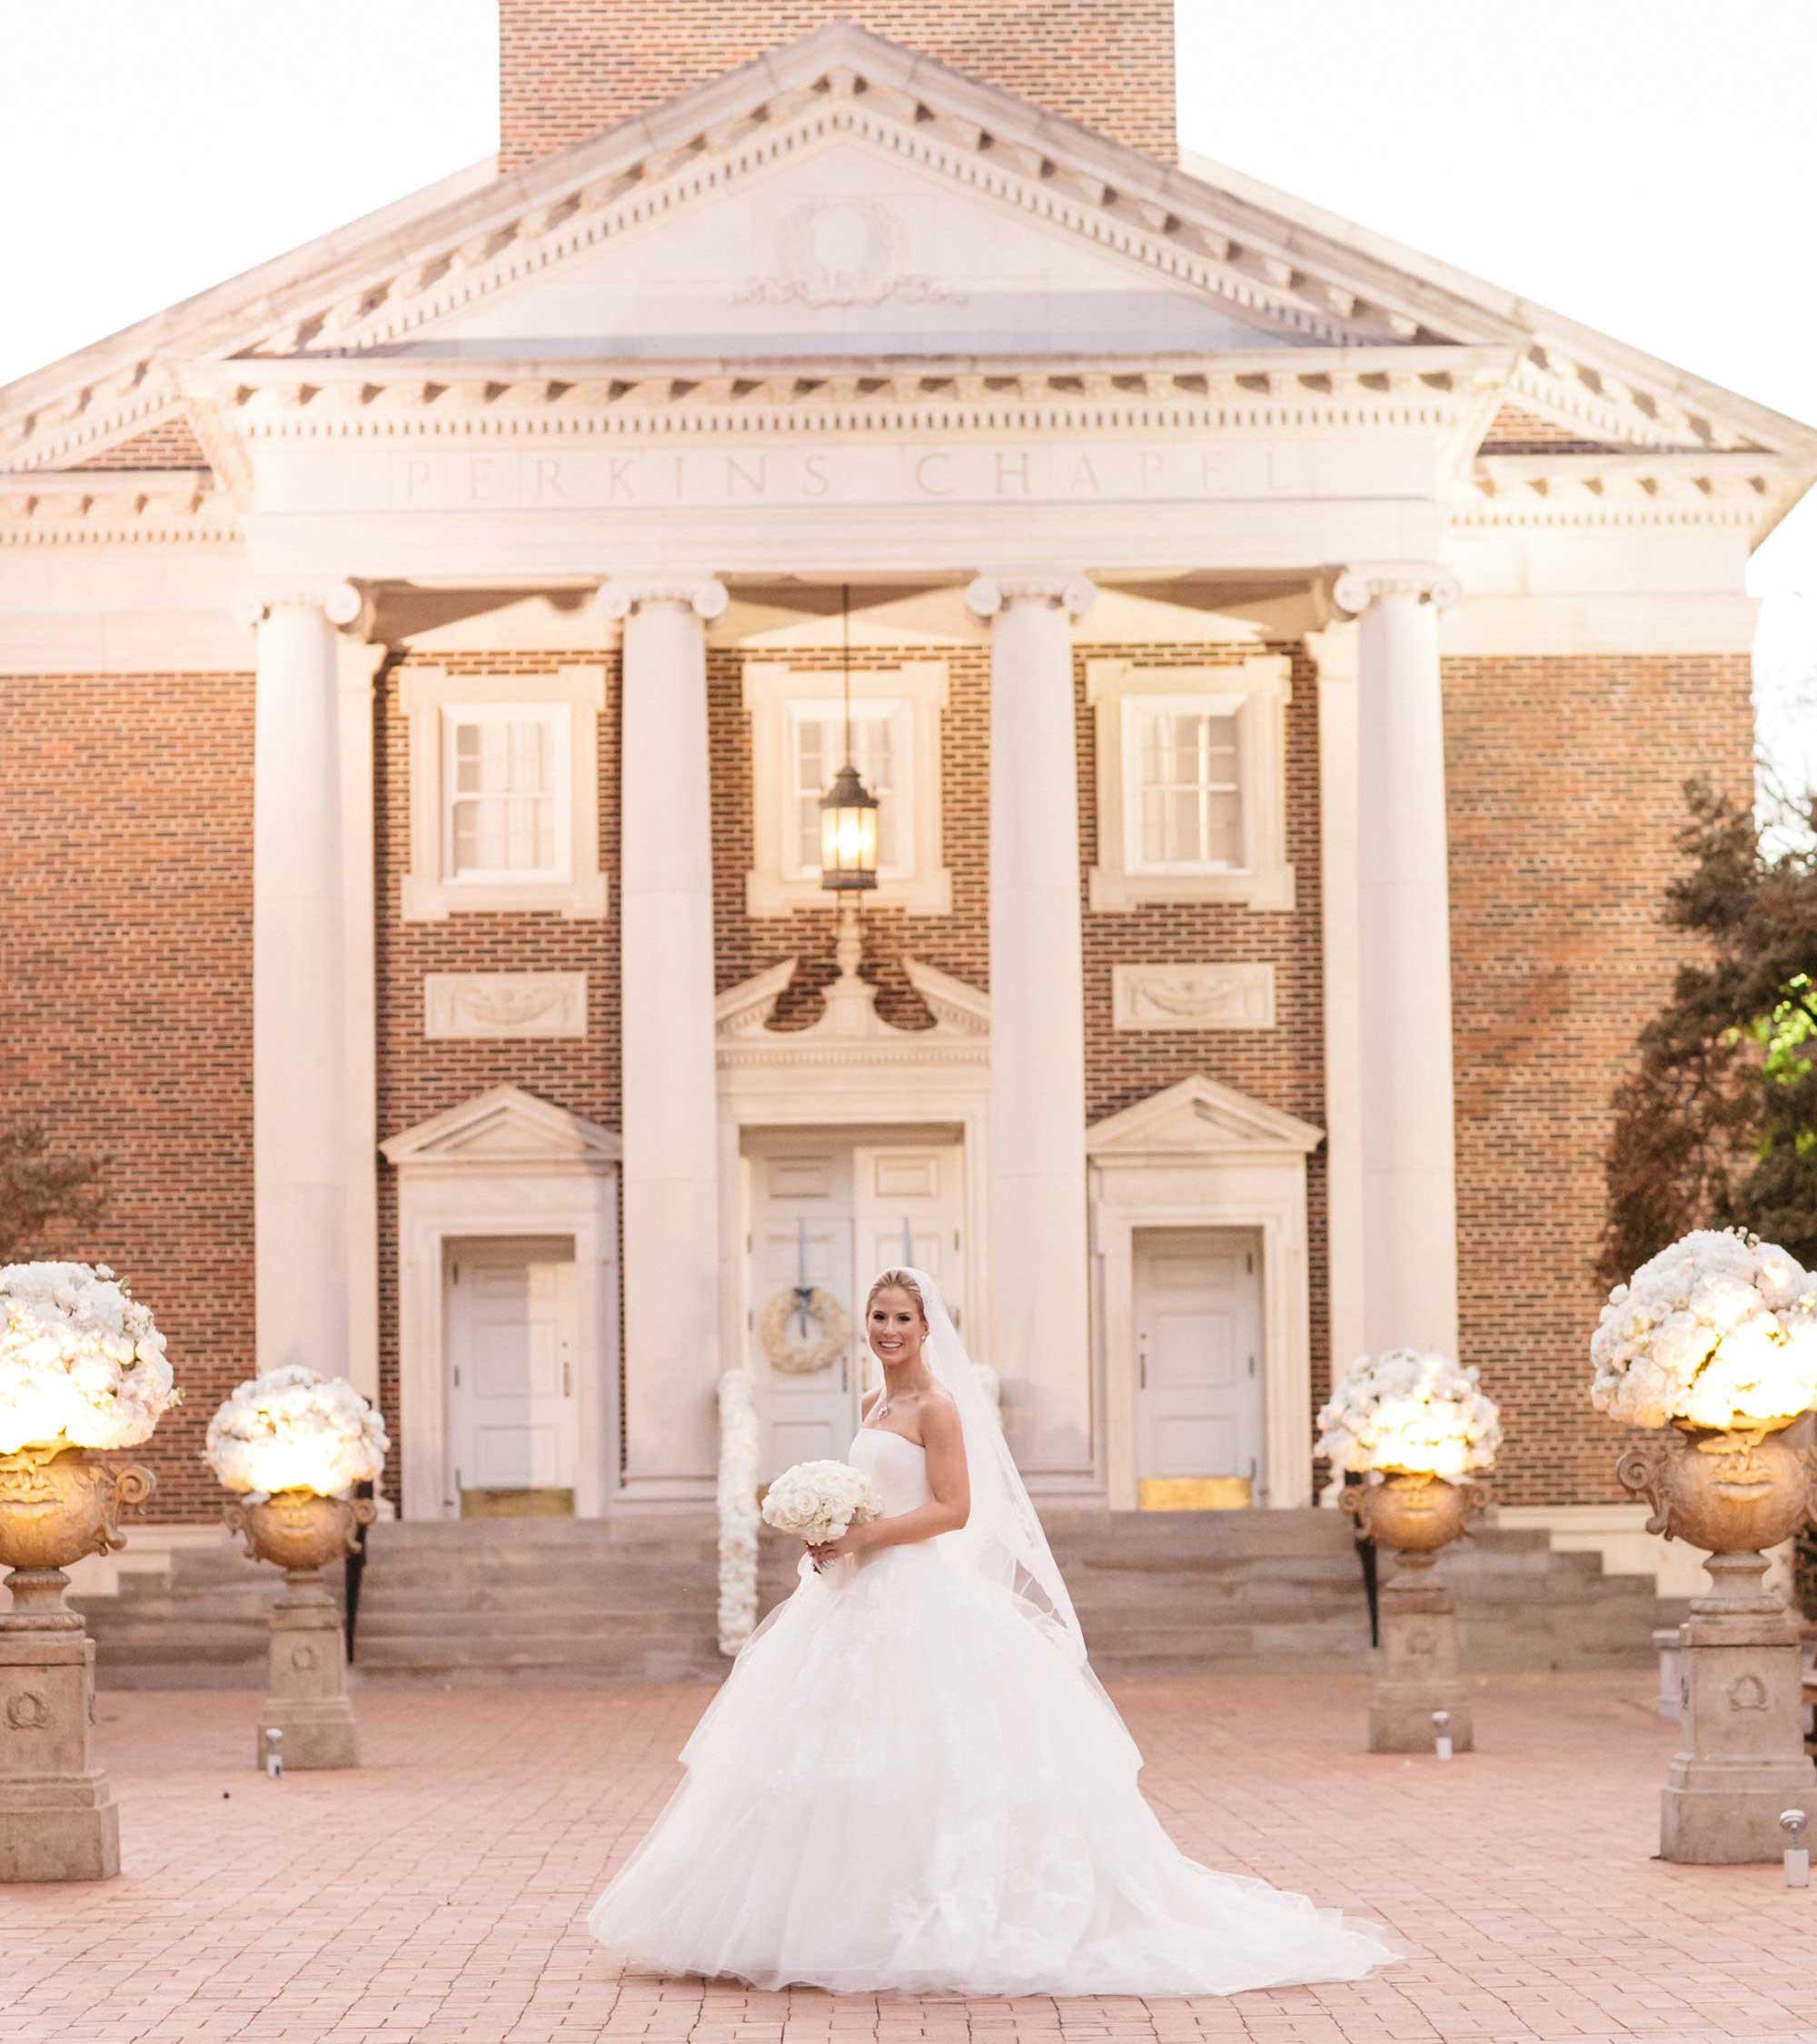 wedding ceremony ideas 13